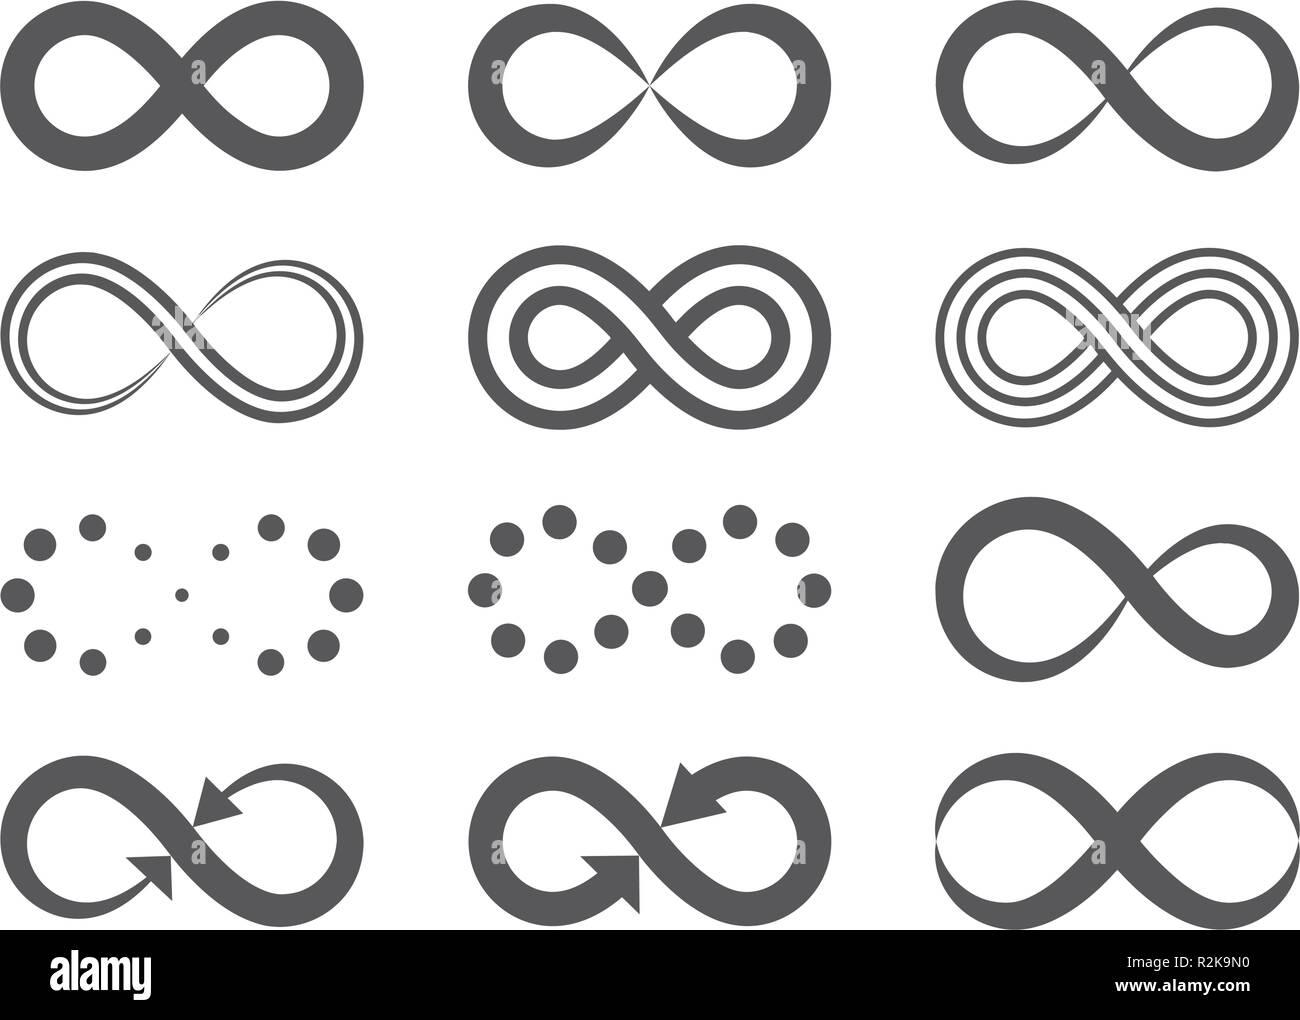 Schwarz infinity Symbole. Wiederholung Symbole und Zeichen Abbildung auf weißen Hintergrund. Stockbild